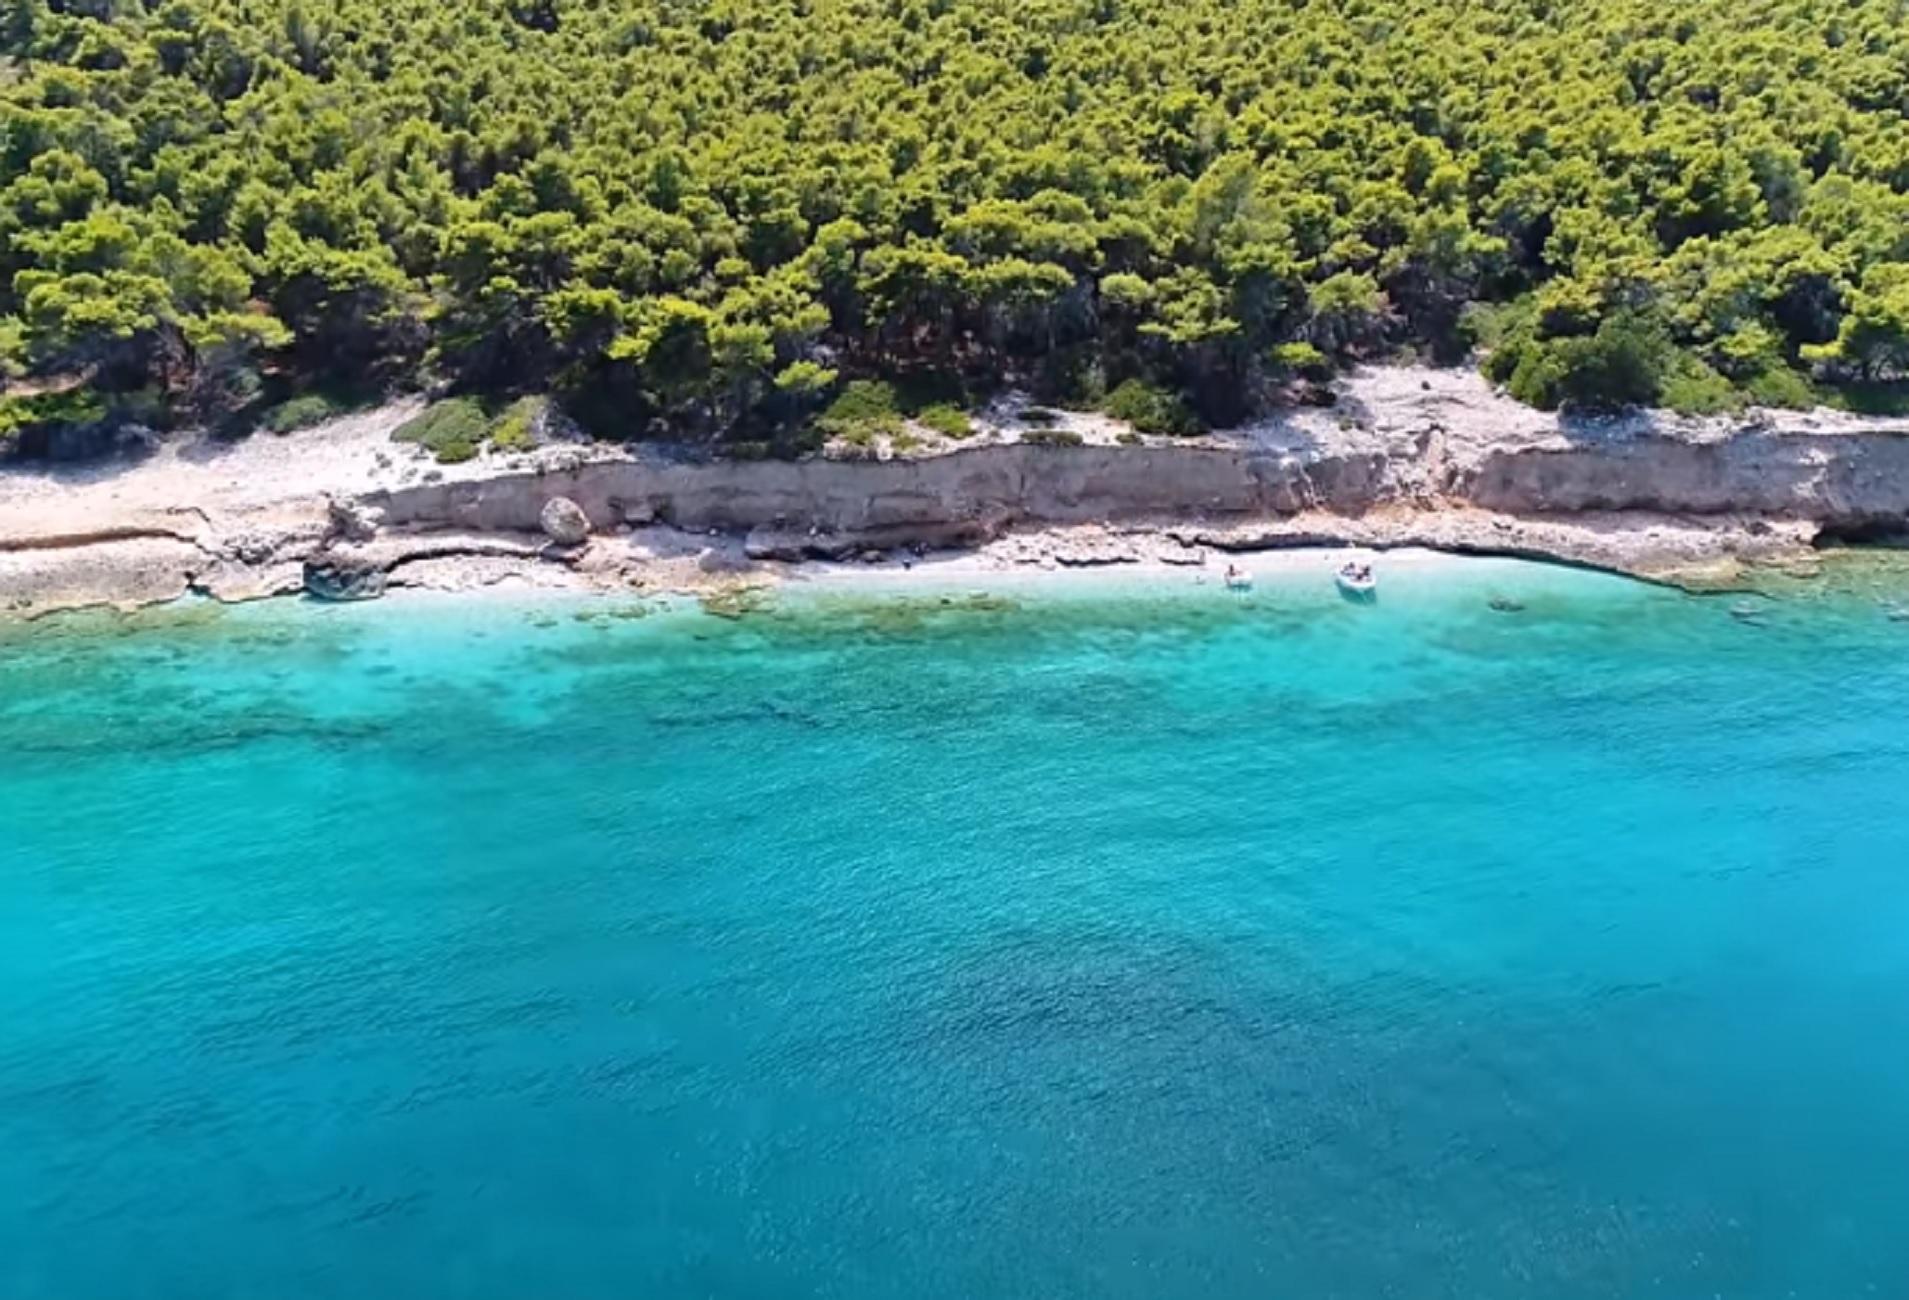 Κορινθία: Η εκπληκτική παραλία που βρίσκεται μιάμιση ώρα από την Αθήνα – Βουτιές σε τιρκουάζ νερά (video)